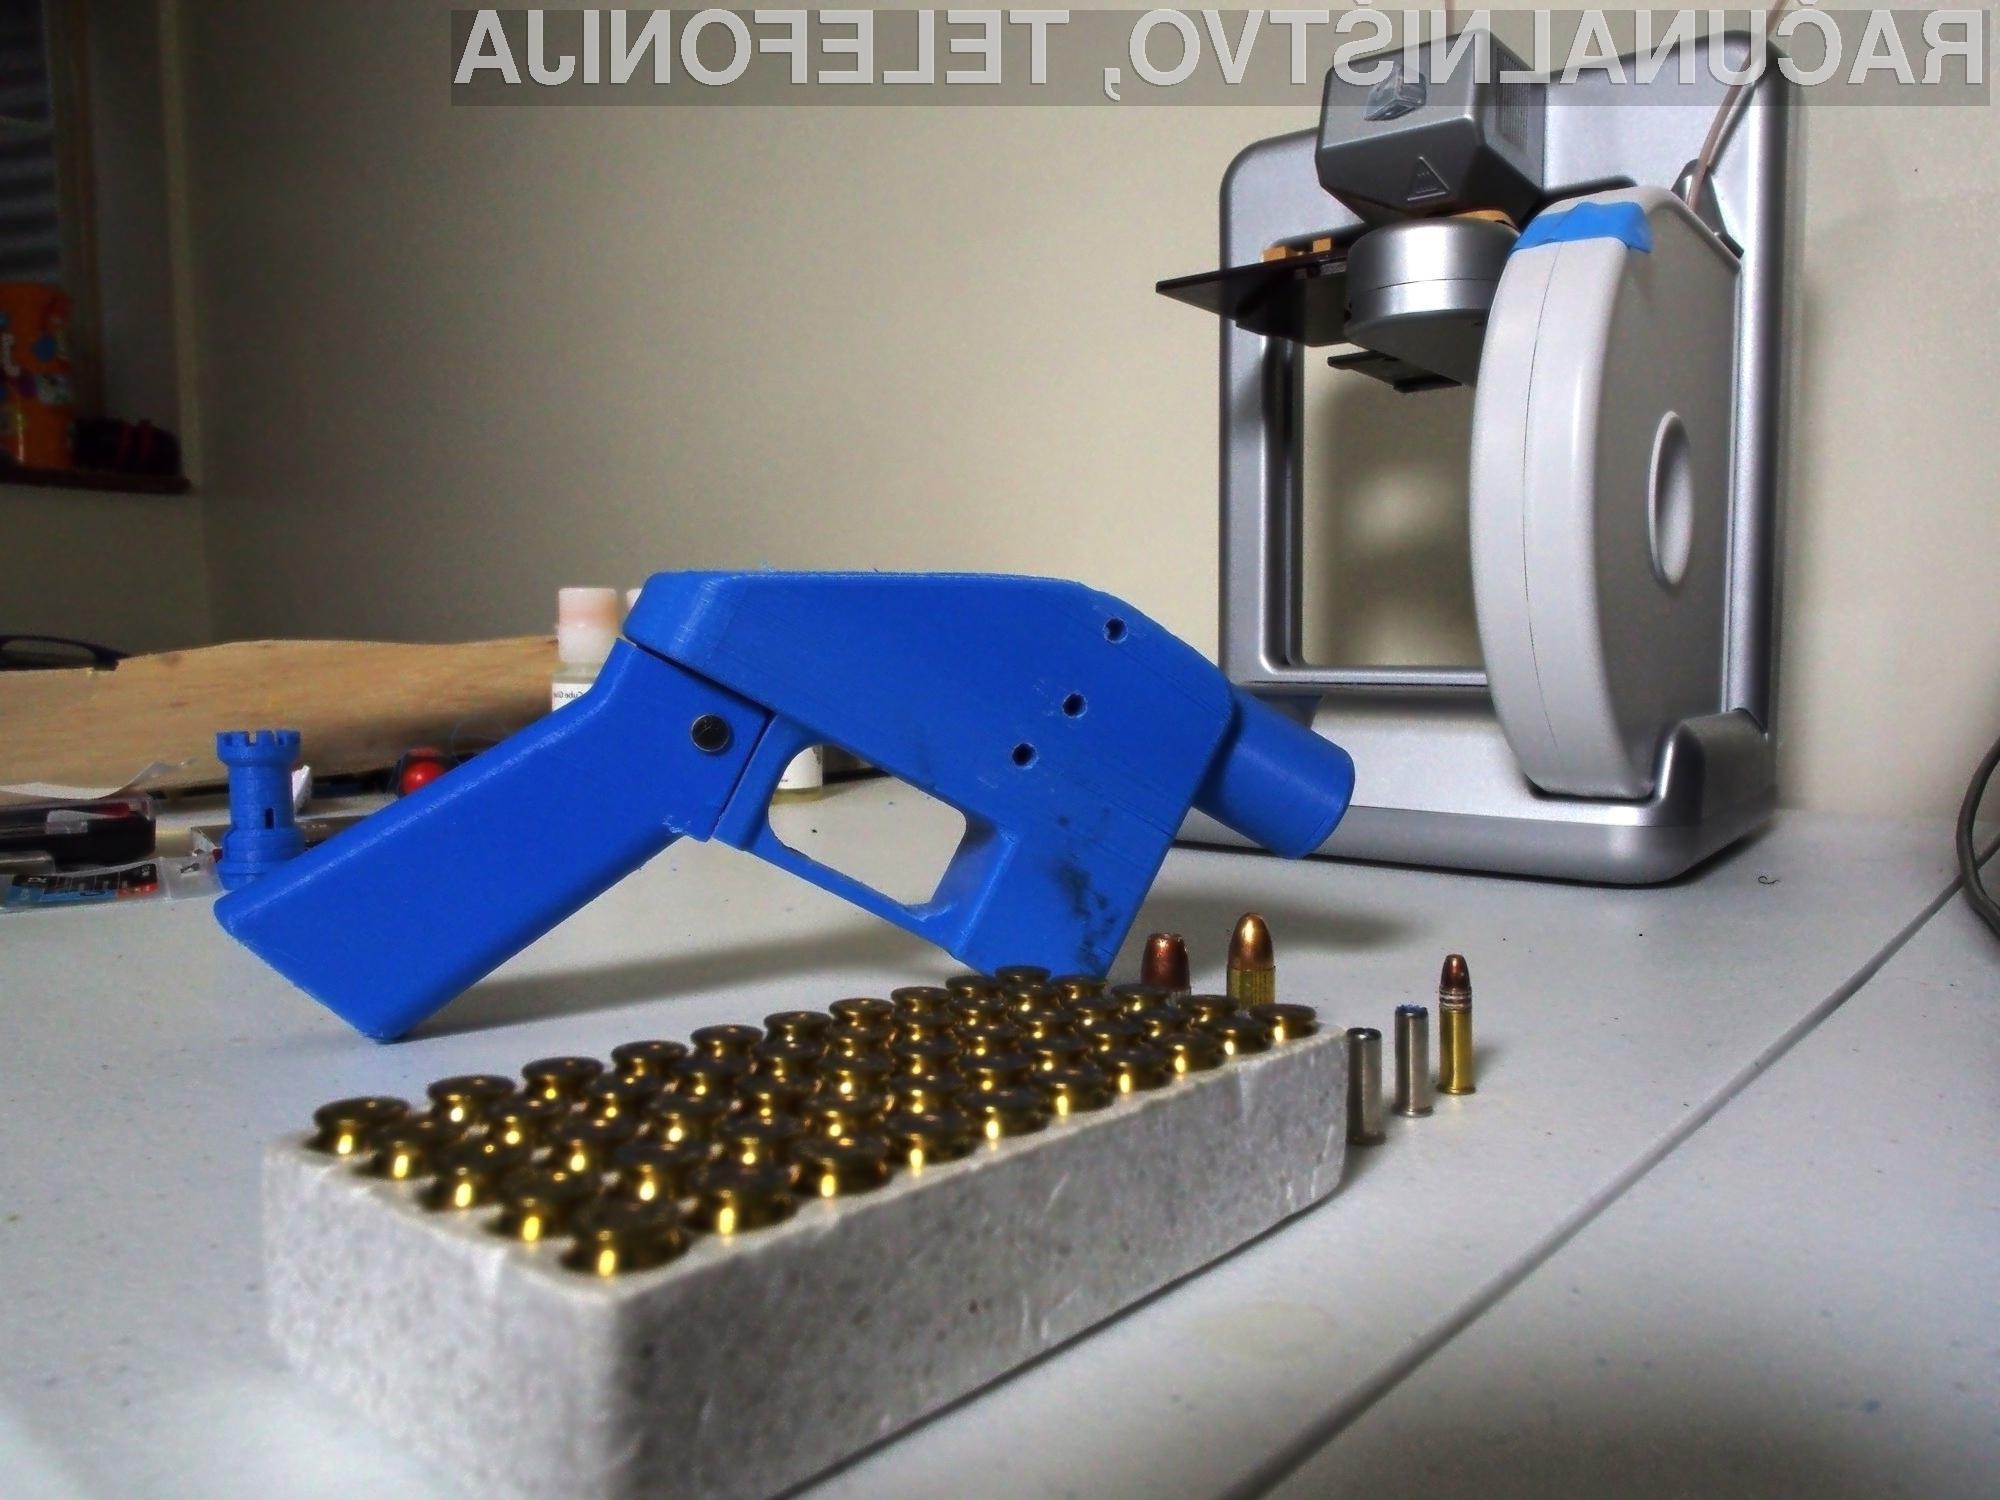 V ZDA bo prenos načrtov za tiskanje orožja s 3D tiskalniki kmalu postal povsem legalen.